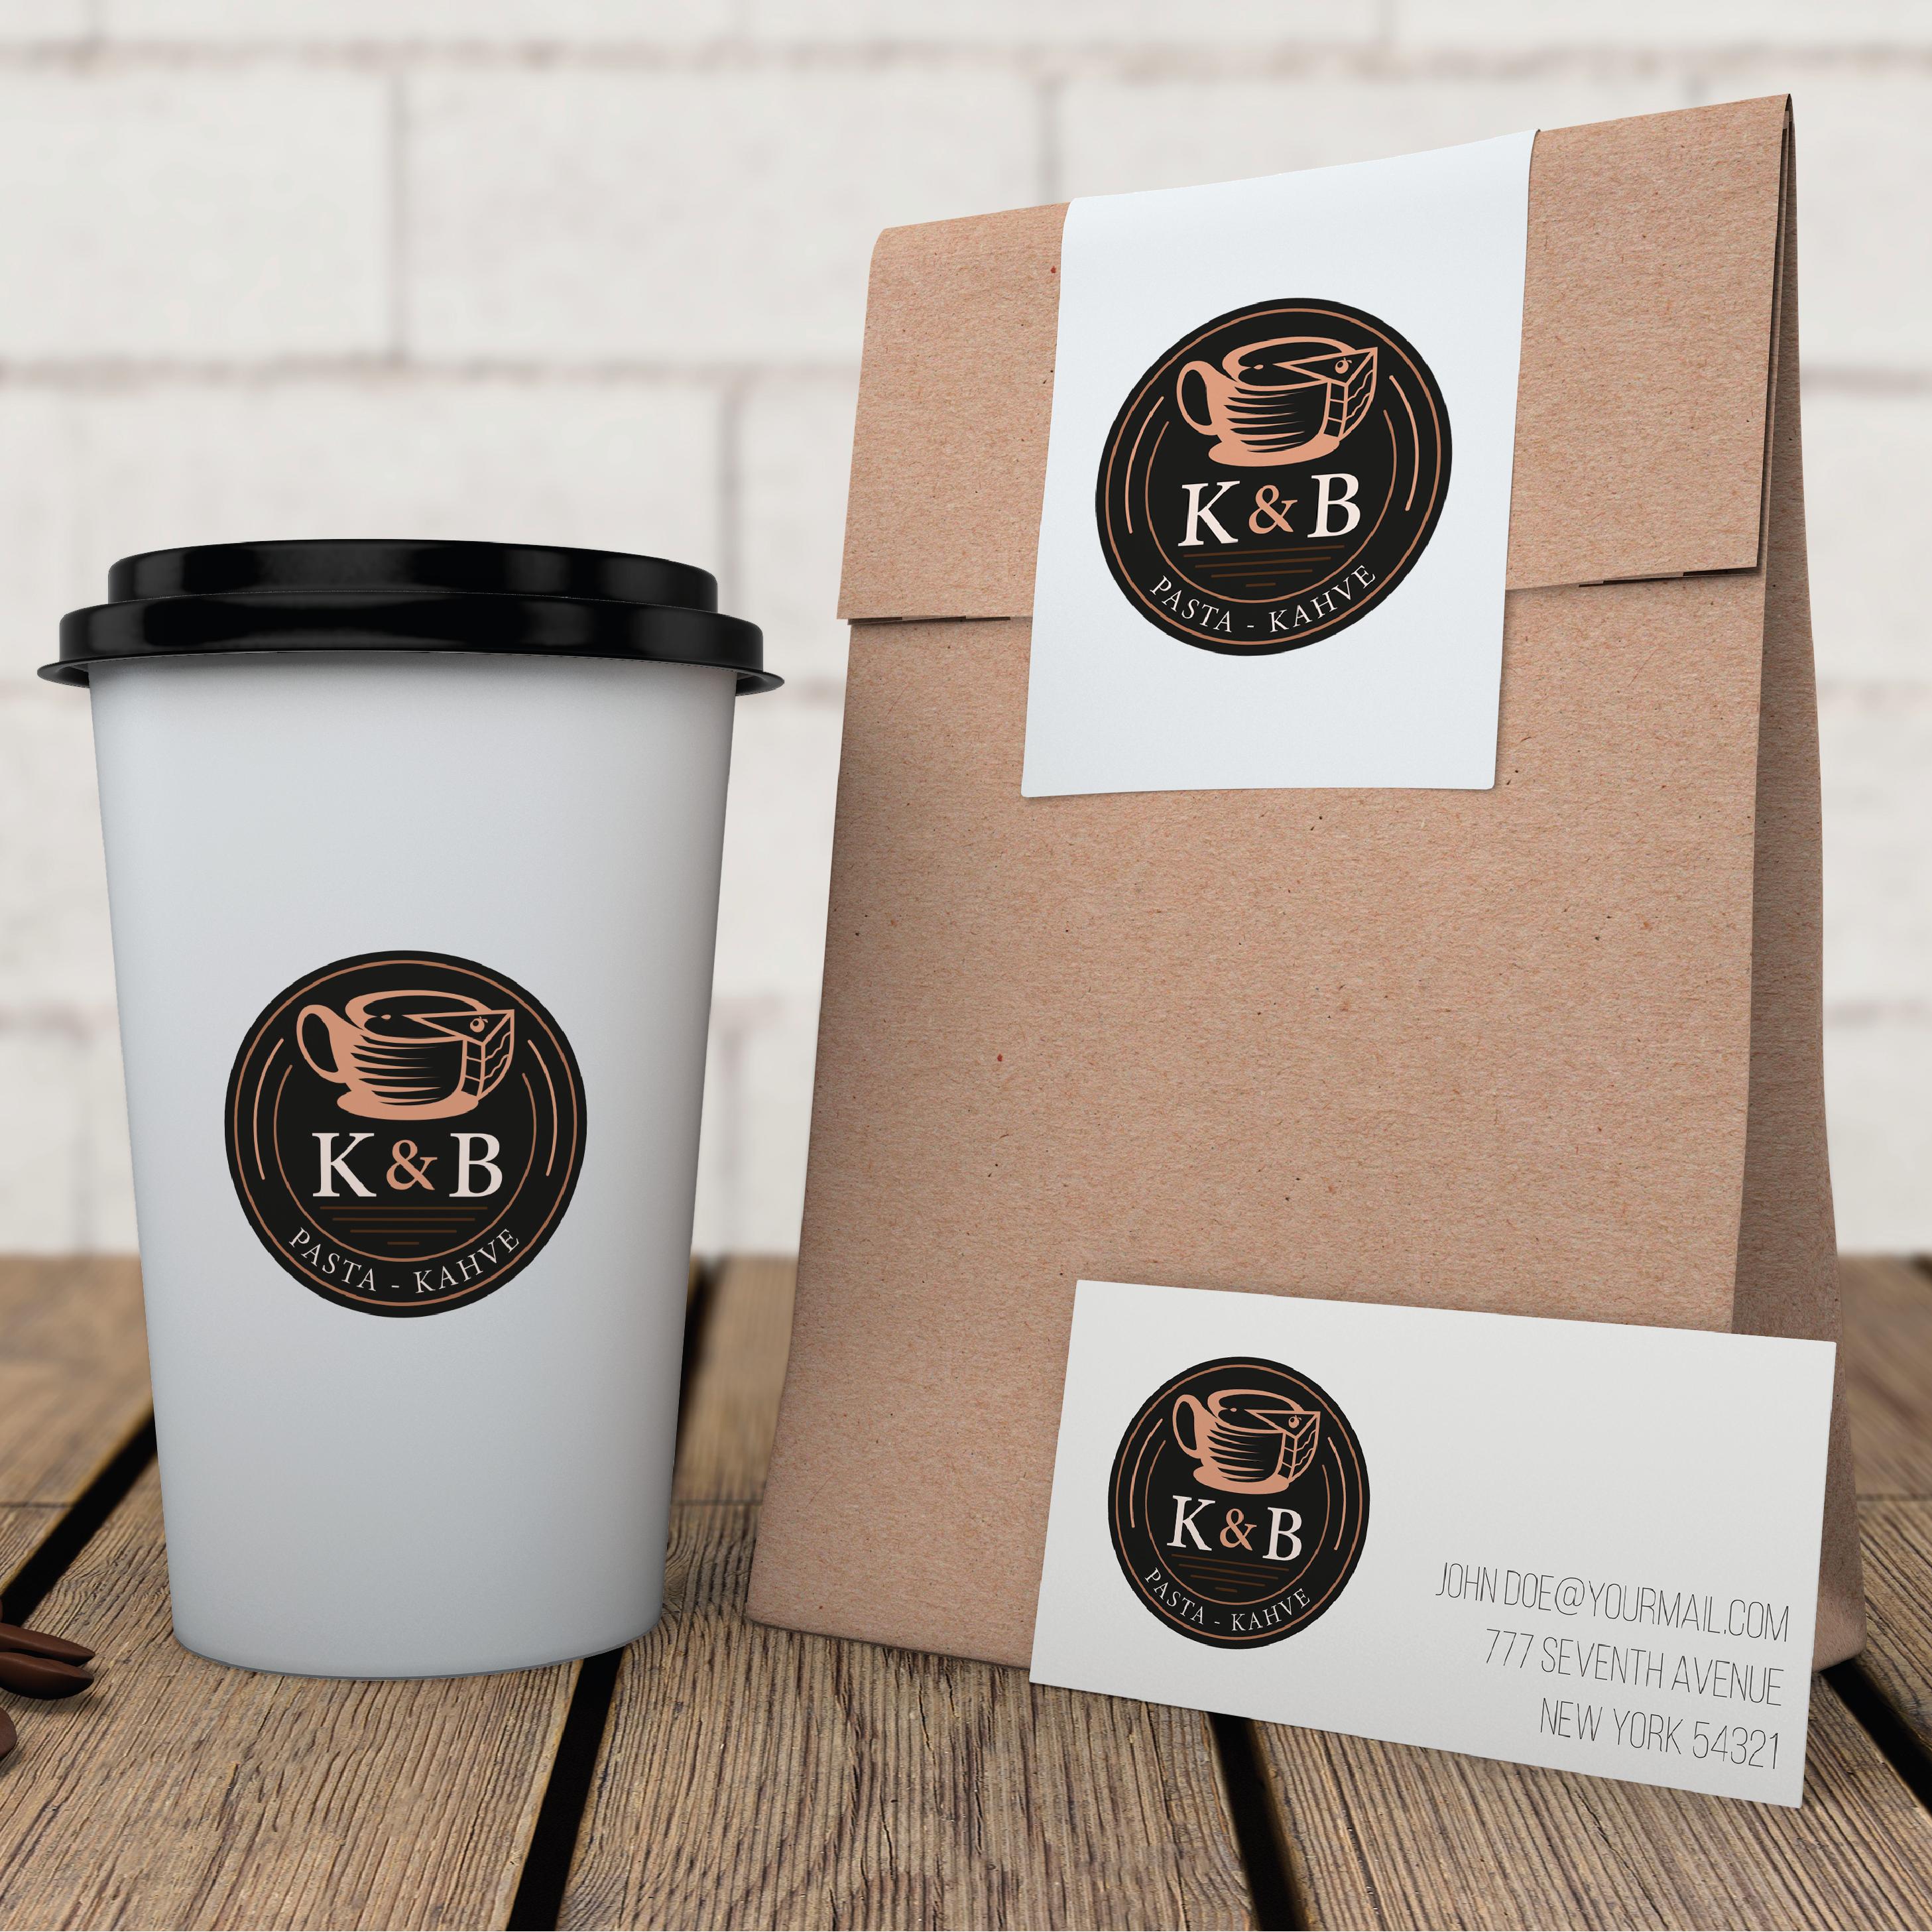 K&B Pasta-Kahve Logo